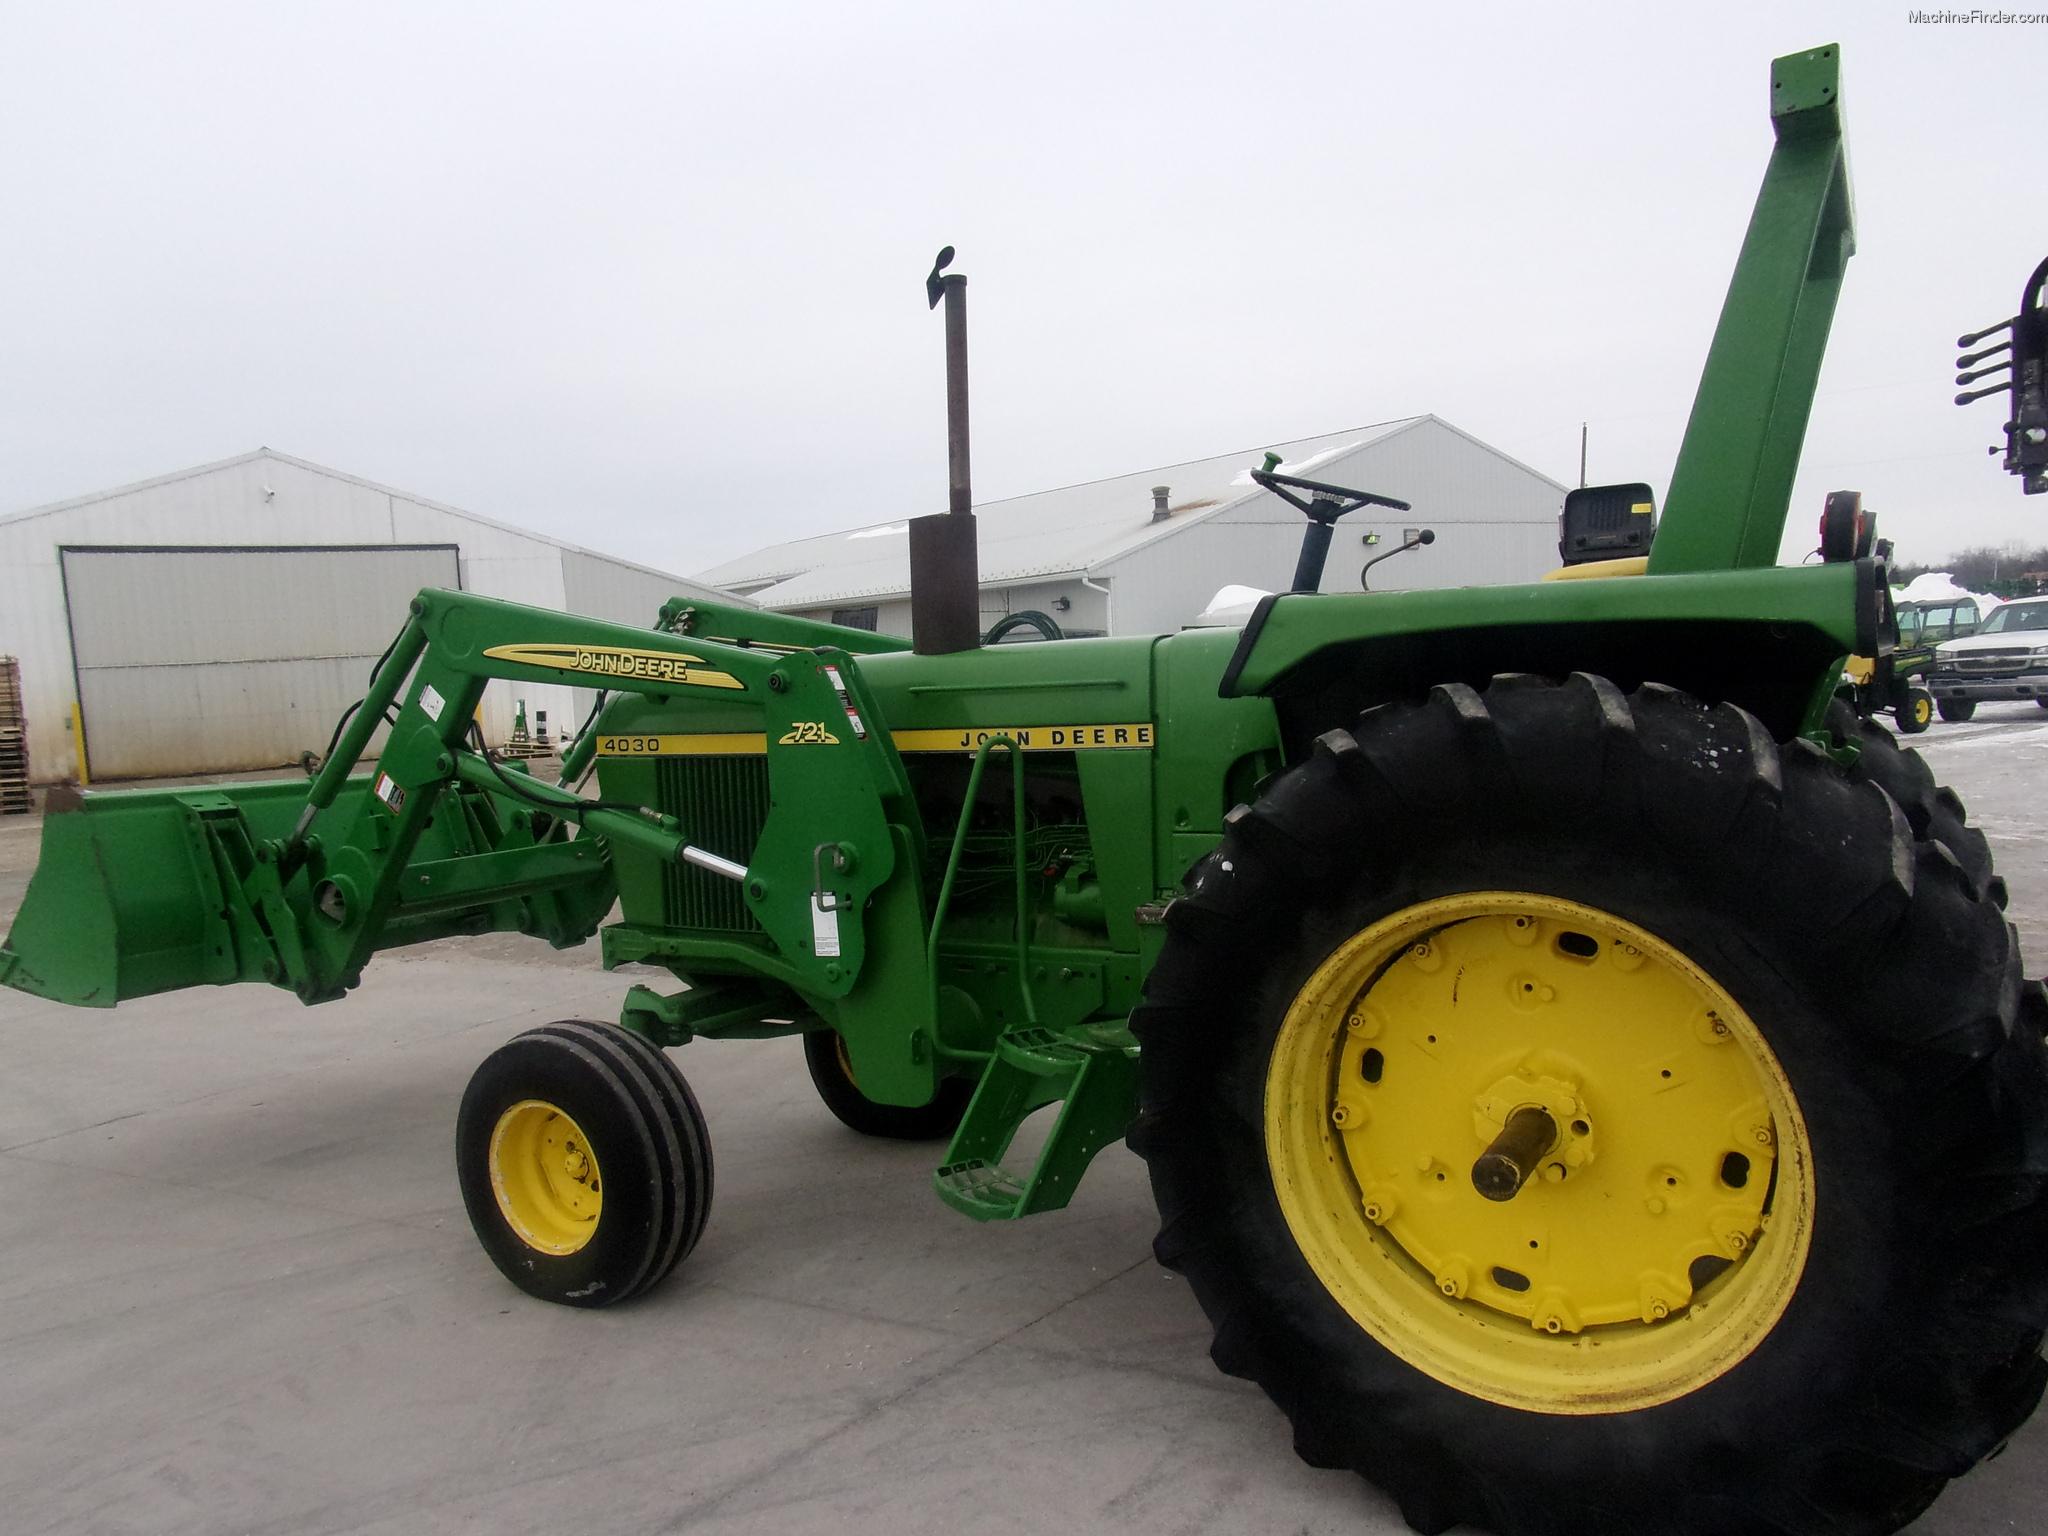 1973 John Deere 4030 Tractors - Row Crop (+100hp) - John ...